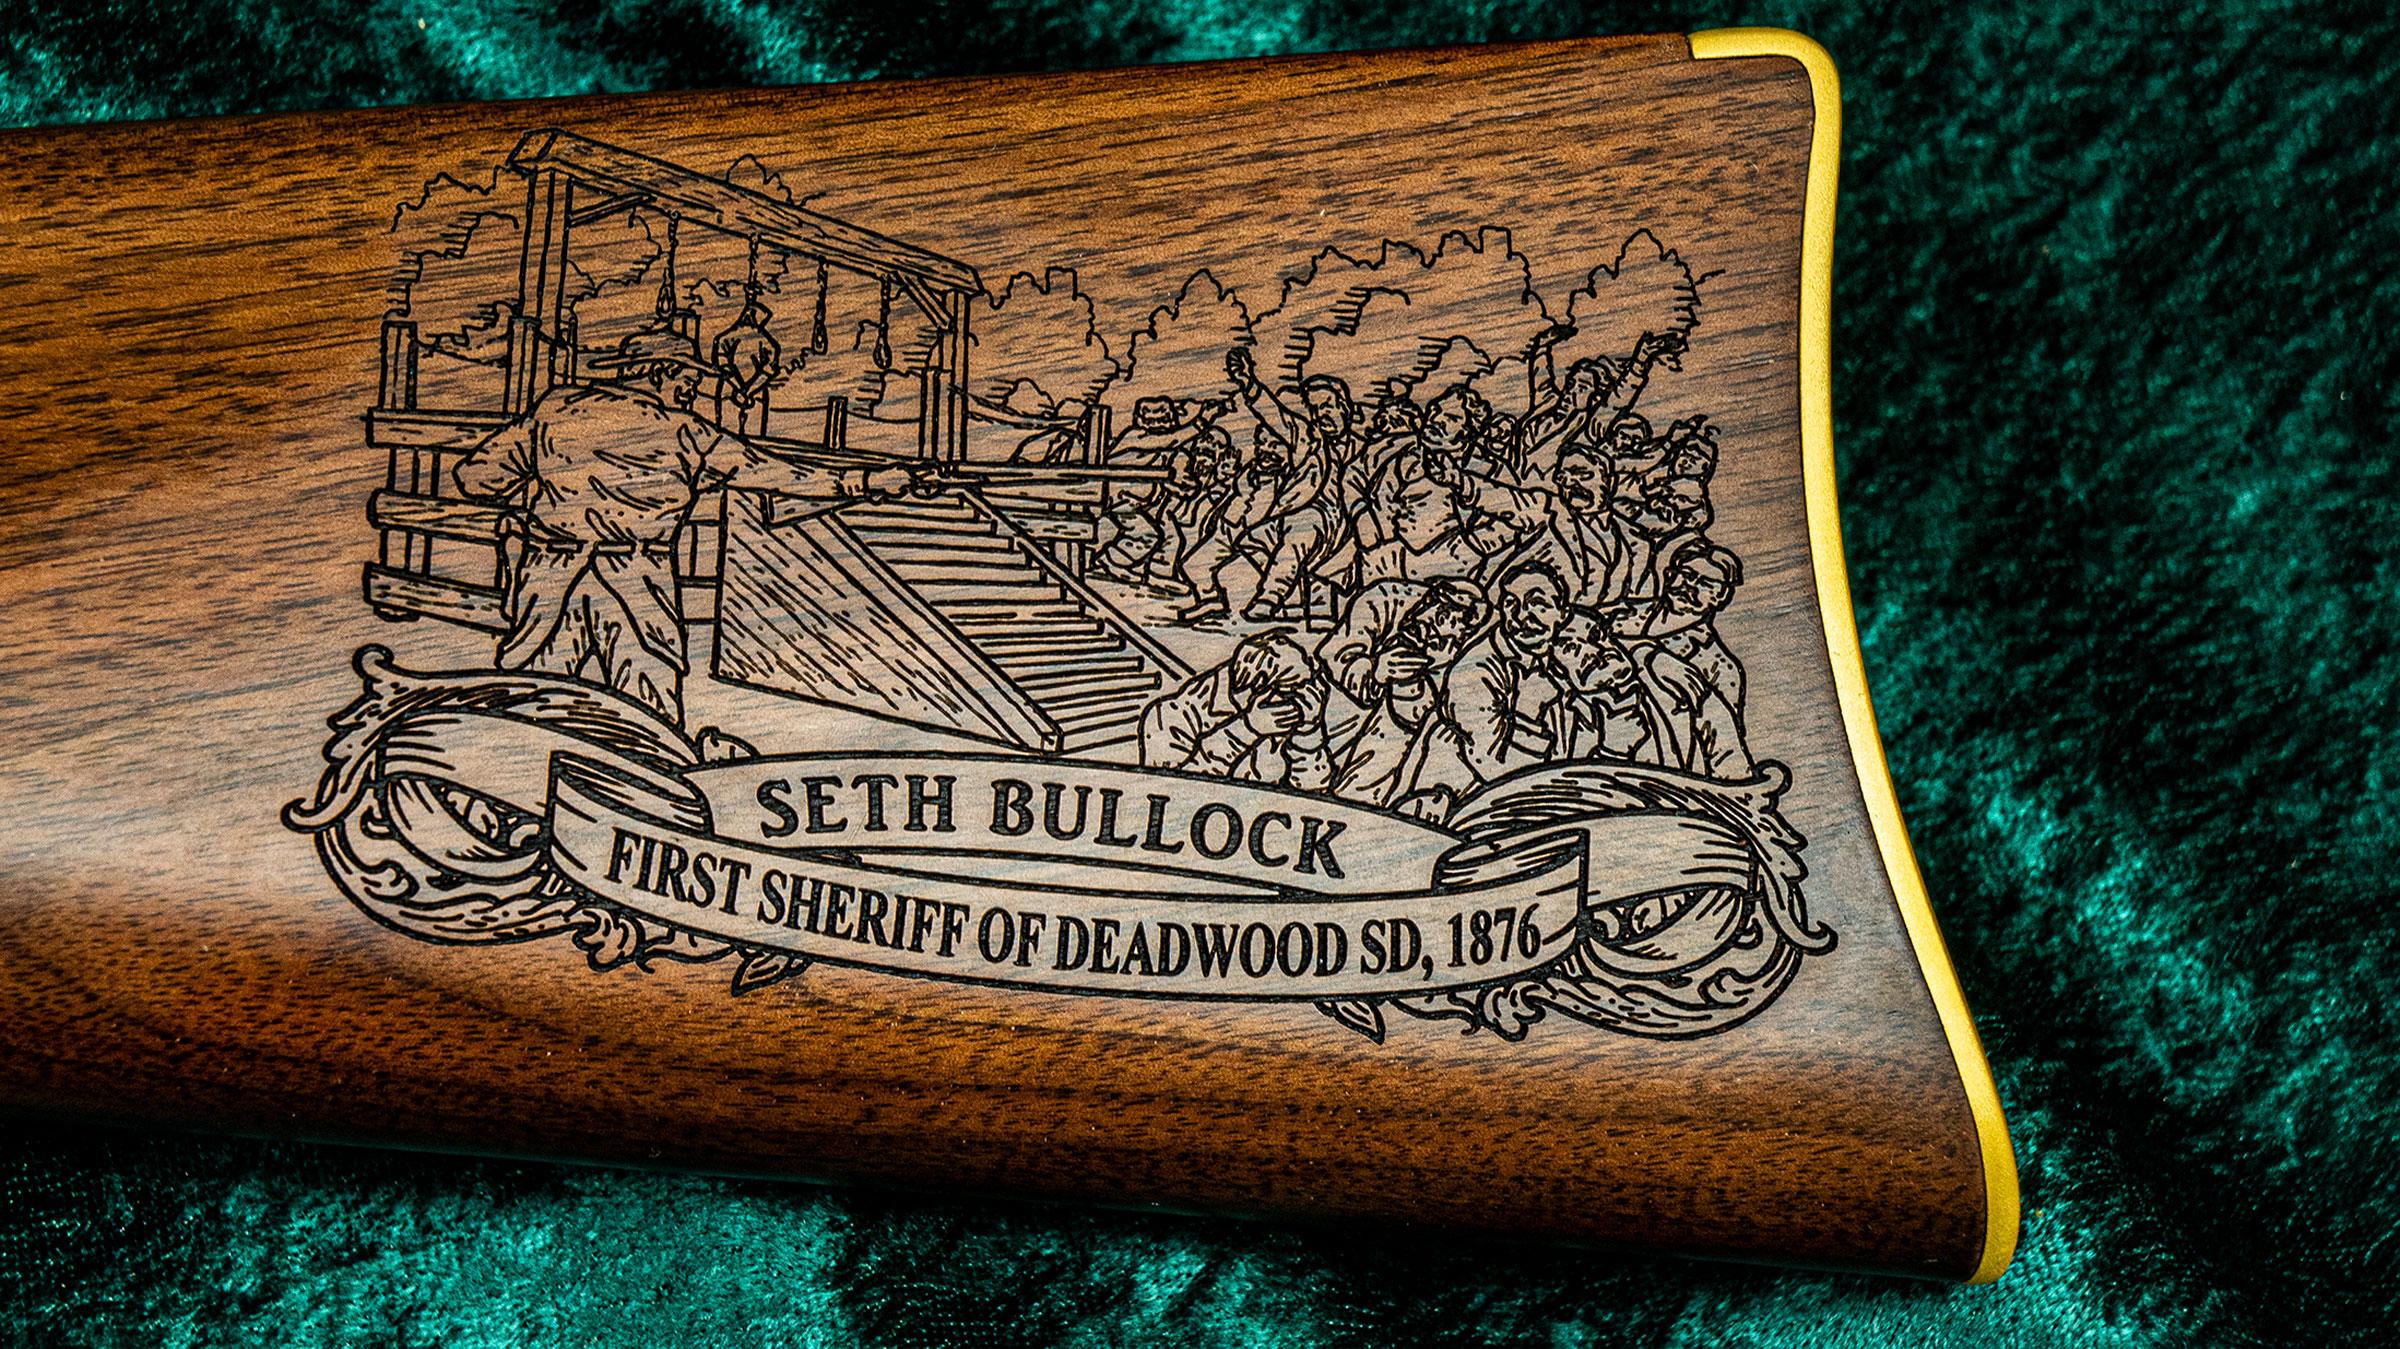 Seth-Bullock_HRY44_Buttstock.jpg